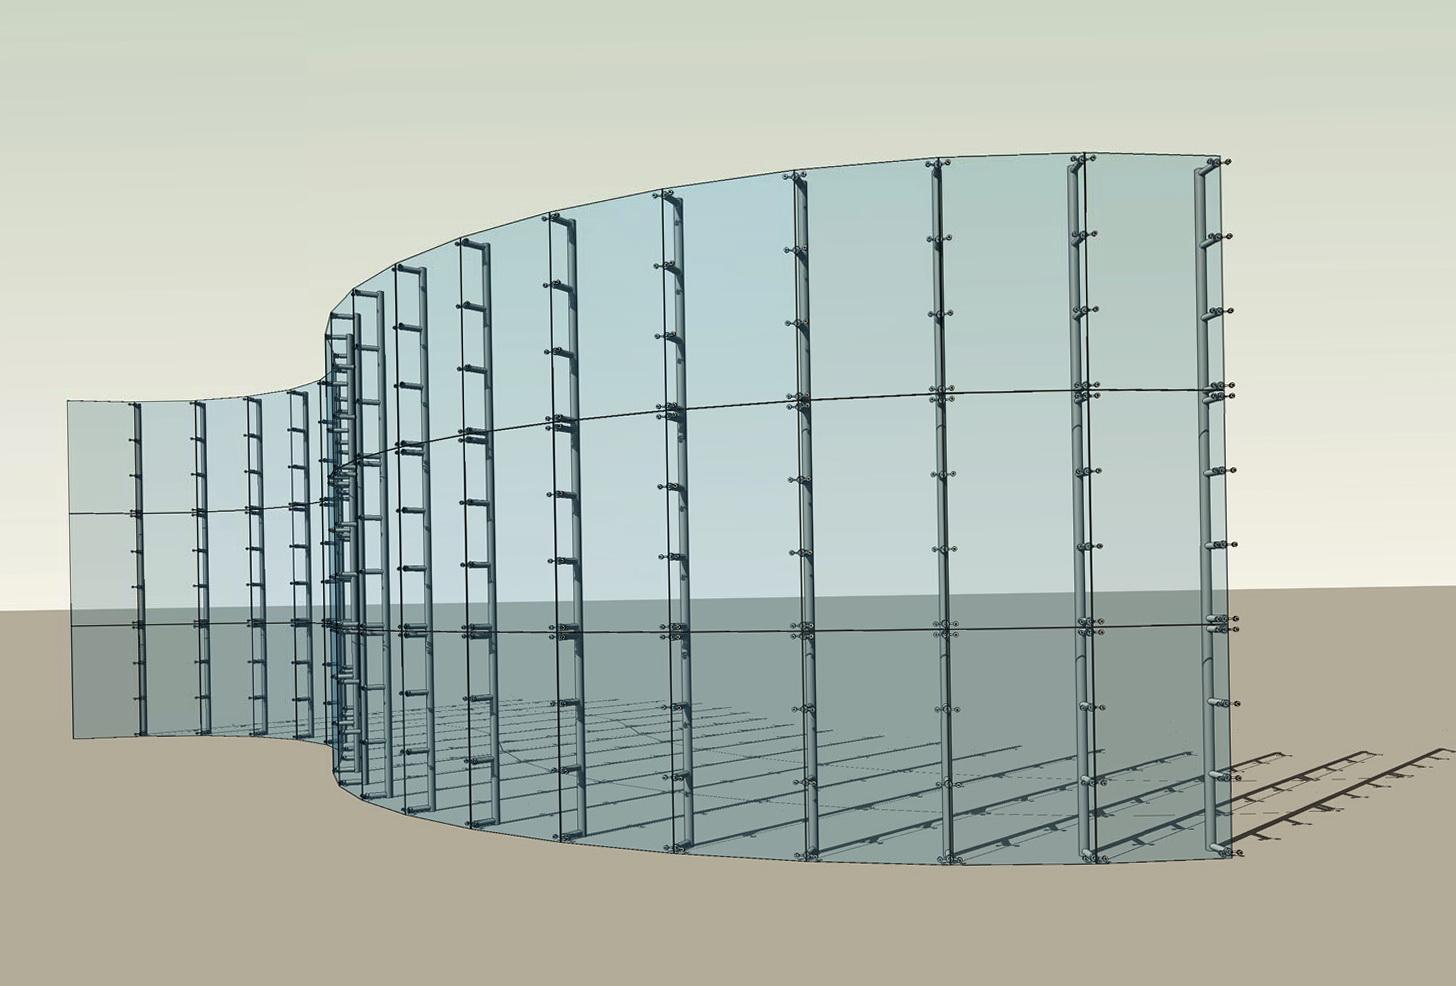 Revit Curtain Wall : Curtain wall design revit home ideas